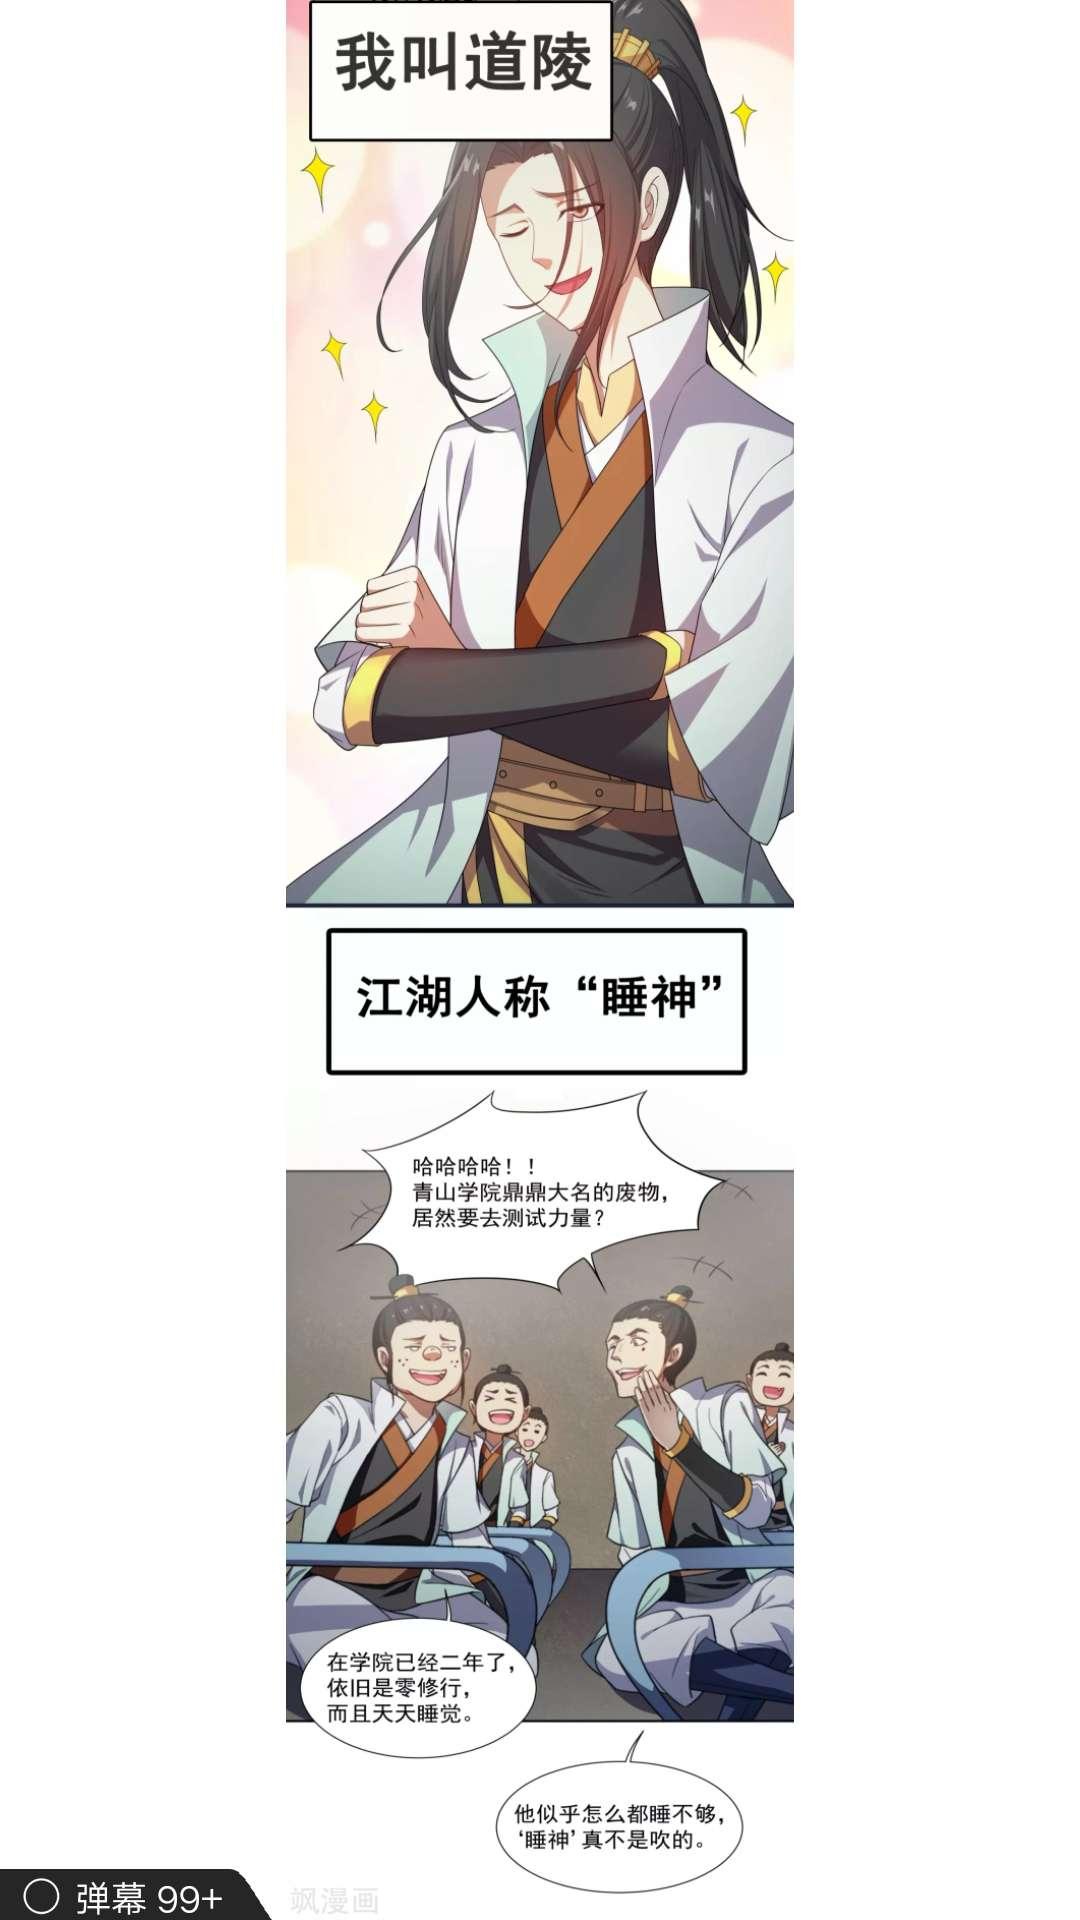 【漫画】盖世帝尊?[长期更新]-小柚妹站